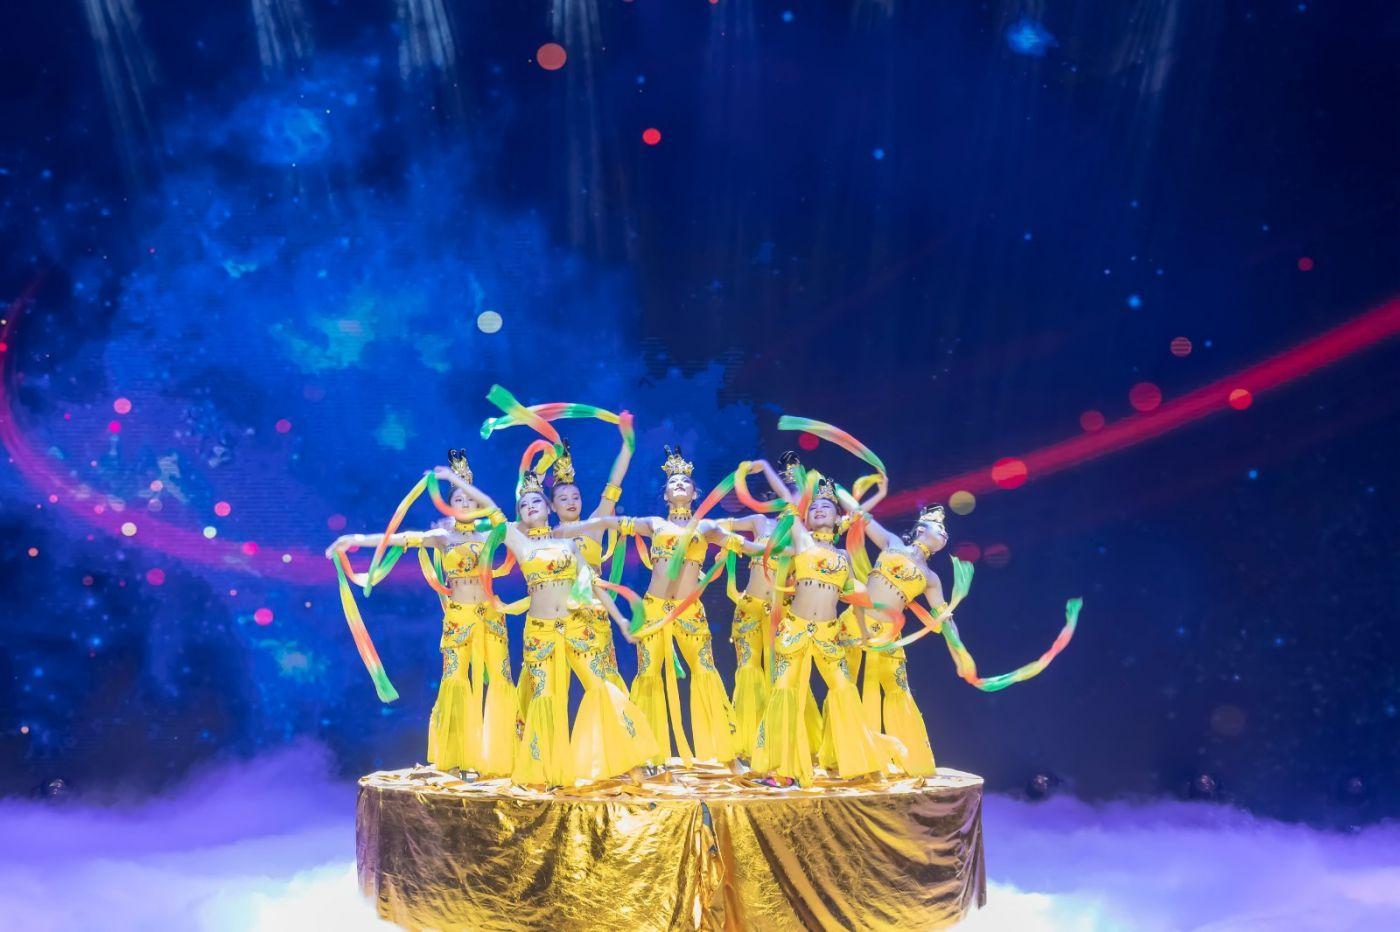 沂蒙大地上 有一种舞蹈叫飞天 这是几位临沂女孩的杰作 美轮美奂 ..._图1-70